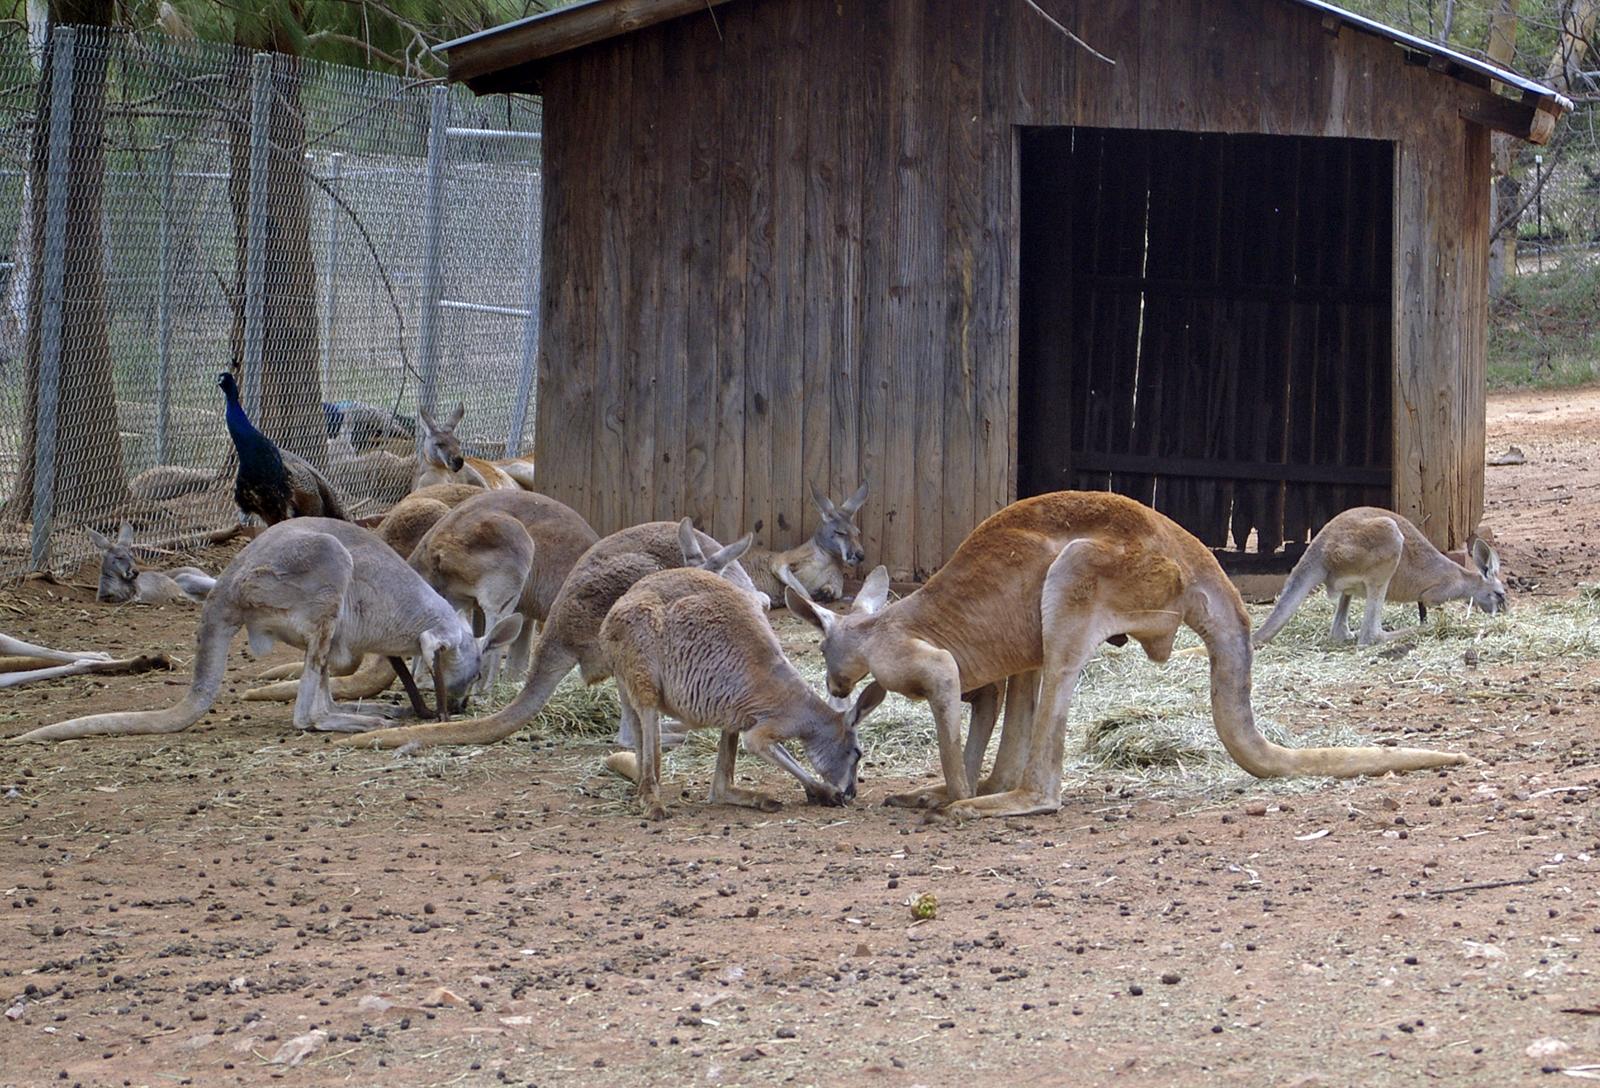 File:Mob of Red Kangaroos (Macropus rufus) 01.jpg